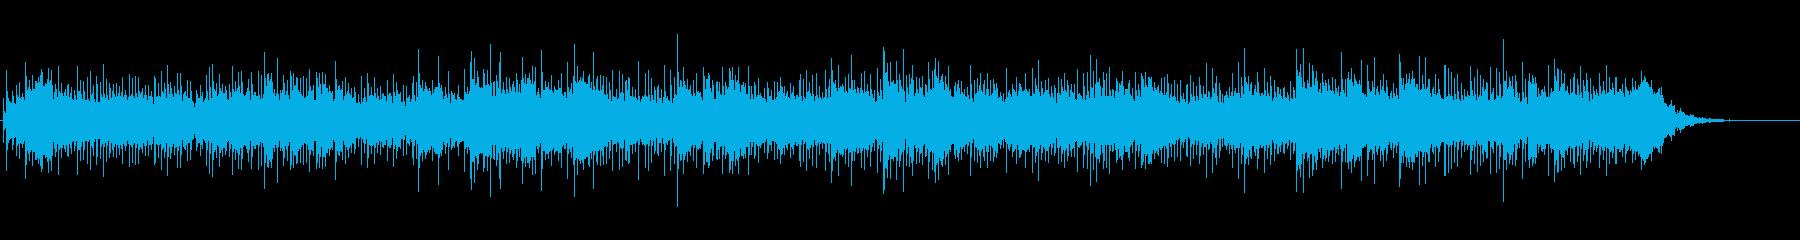 ミニマルでアンビエントなホラージングルの再生済みの波形